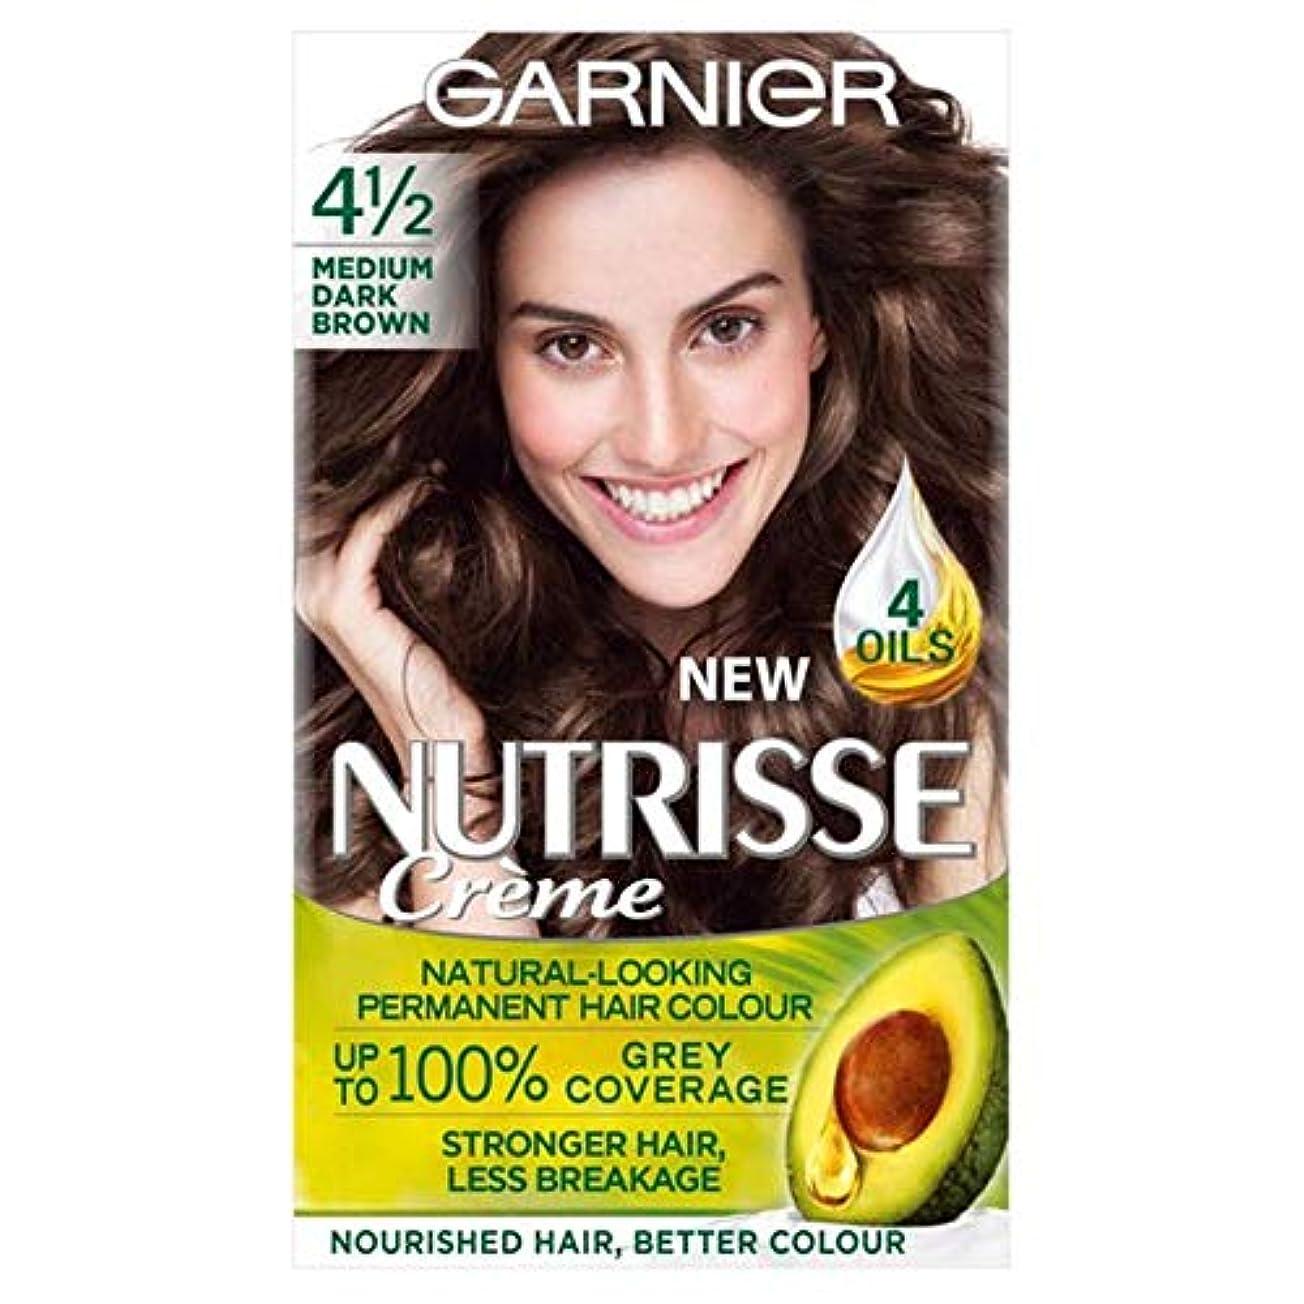 読む頼む発掘[Nutrisse] 4.12メディアD / Brwn永久染毛剤Nutrisseガルニエ - Garnier Nutrisse 4.12 Medium D/Brwn Permanent Hair Dye [並行輸入品]